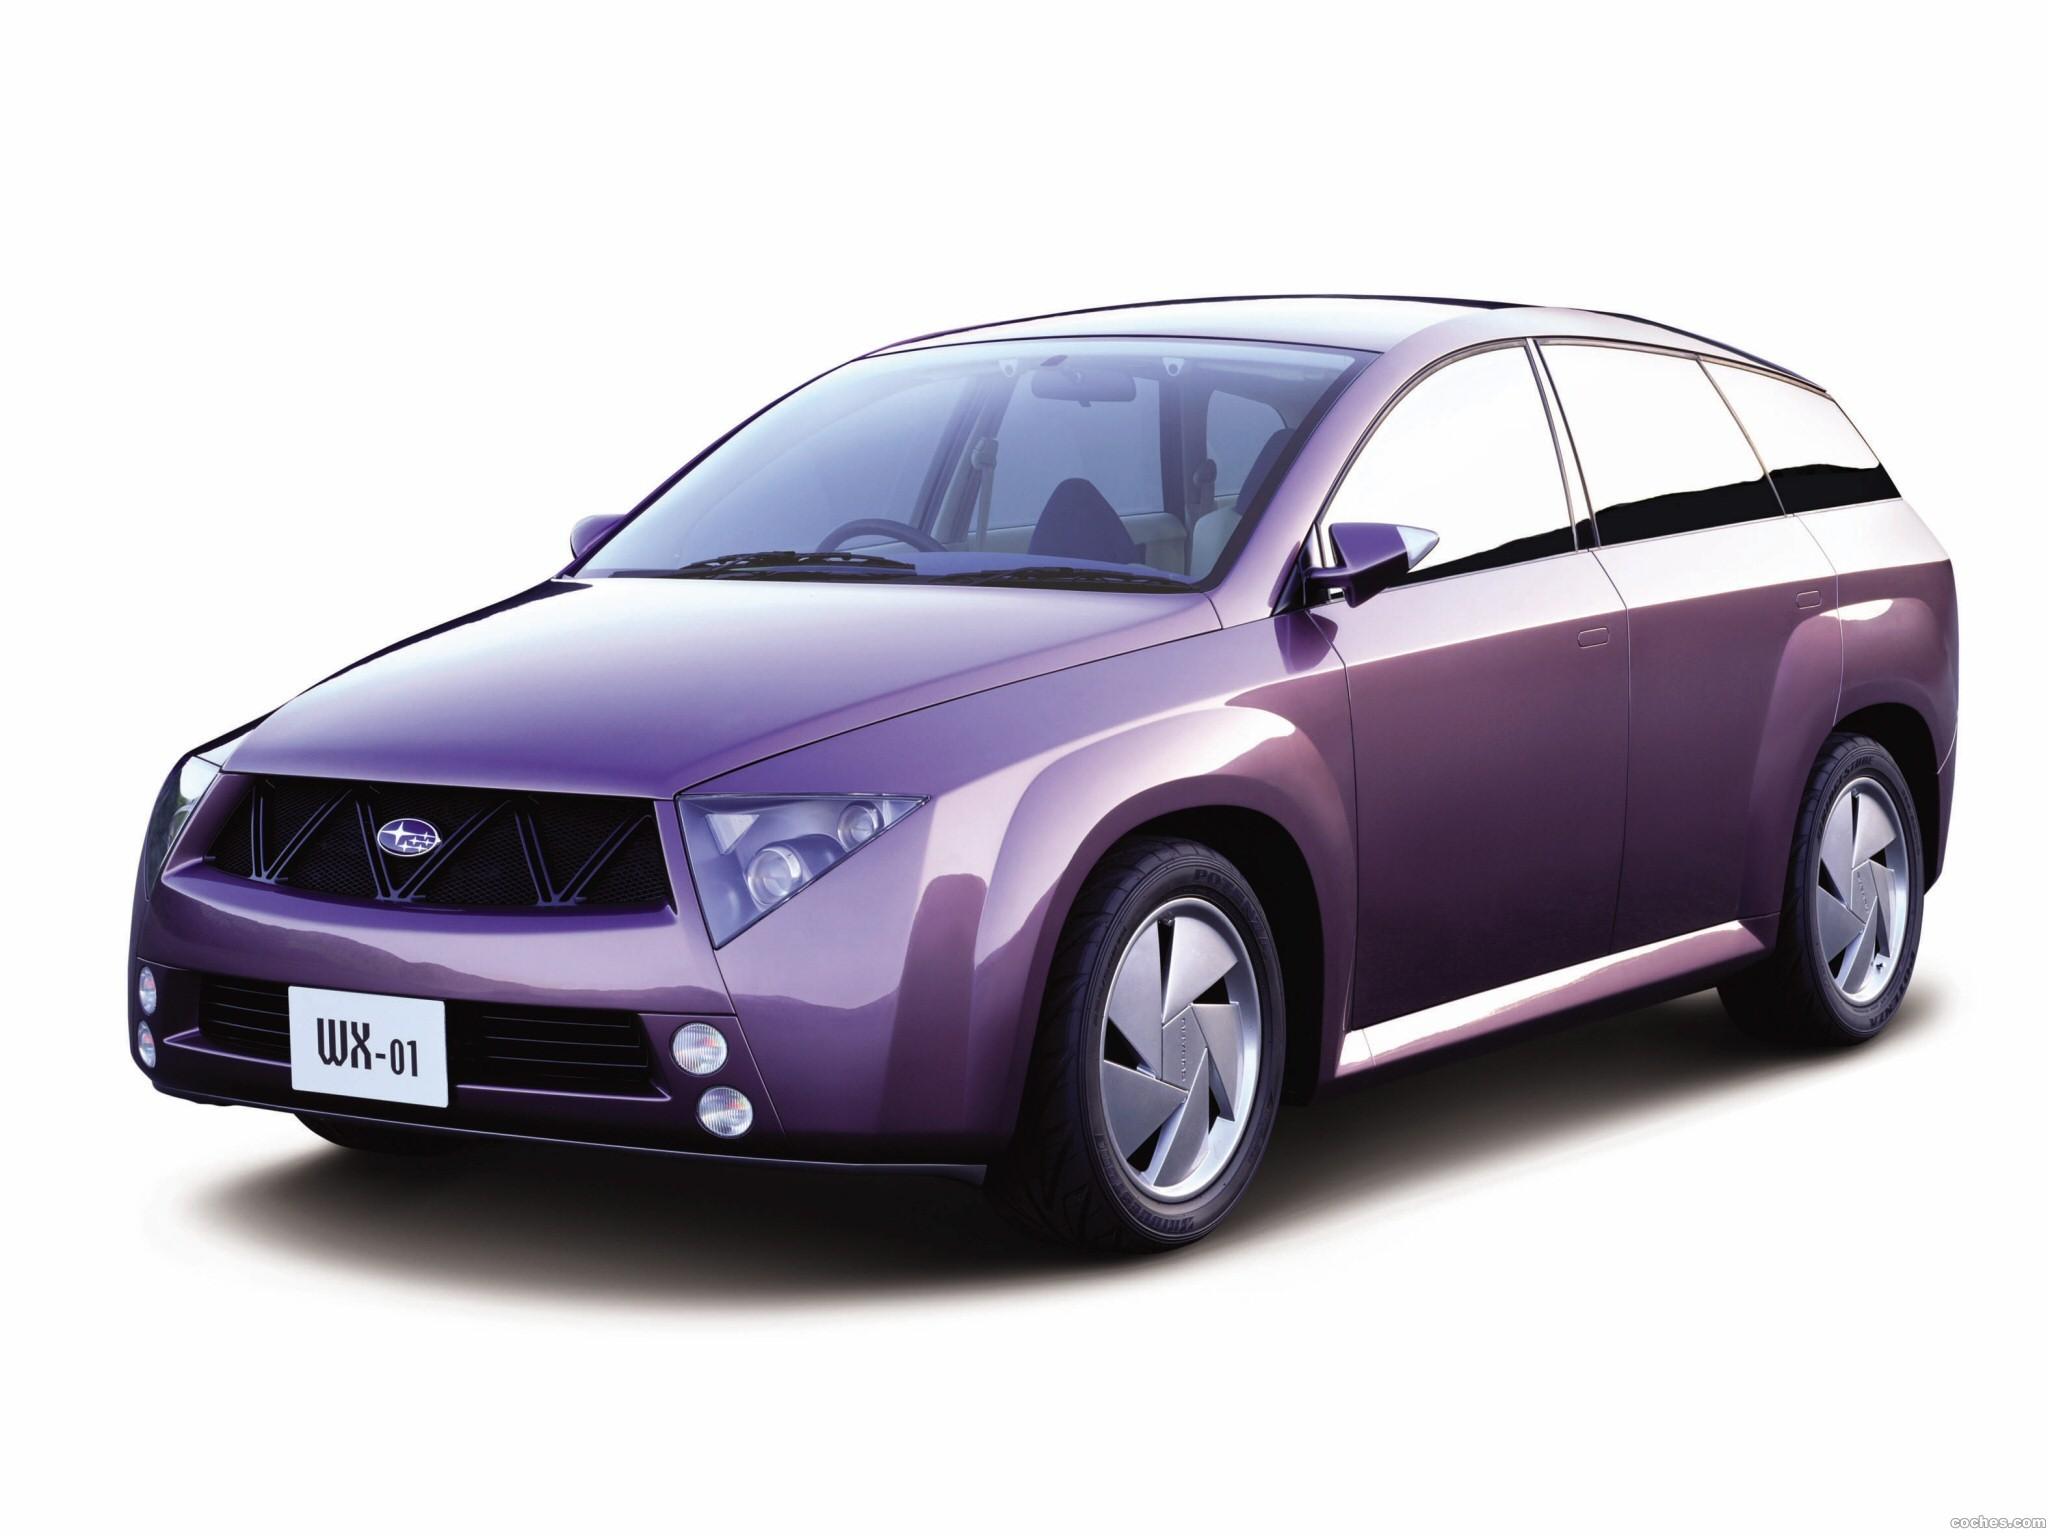 Foto 0 de Subaru WX-01 Concept 2001